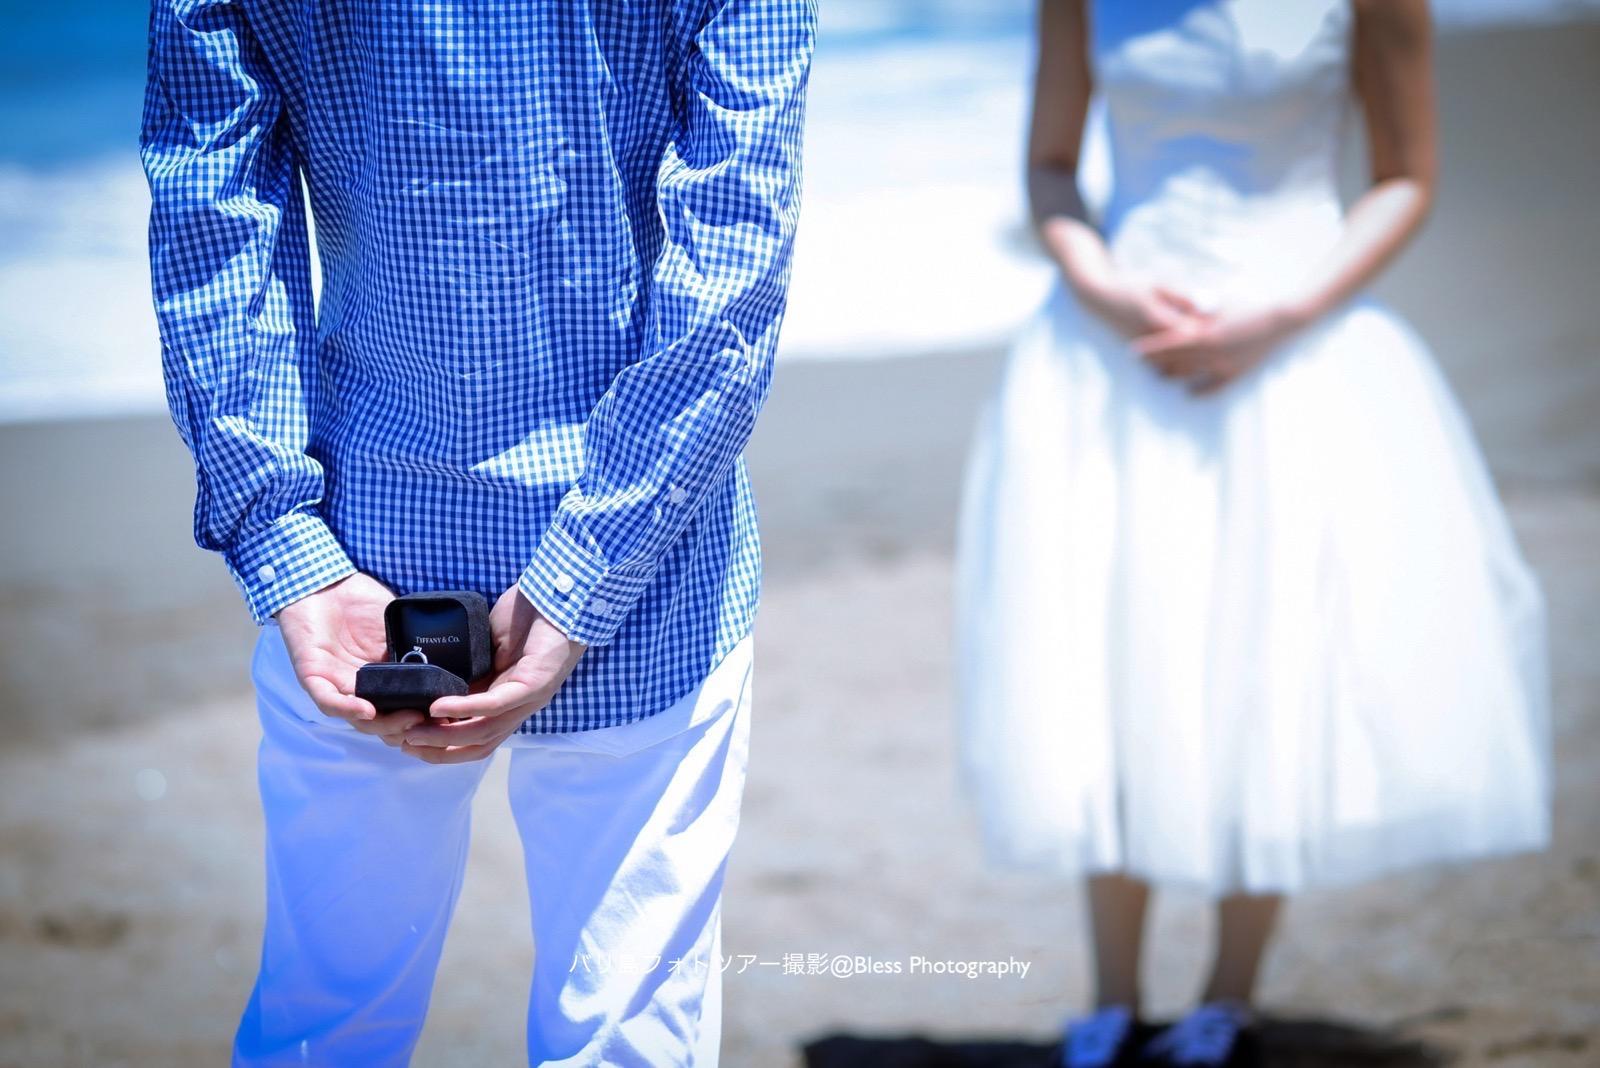 指輪を隠して花嫁に近づく花婿